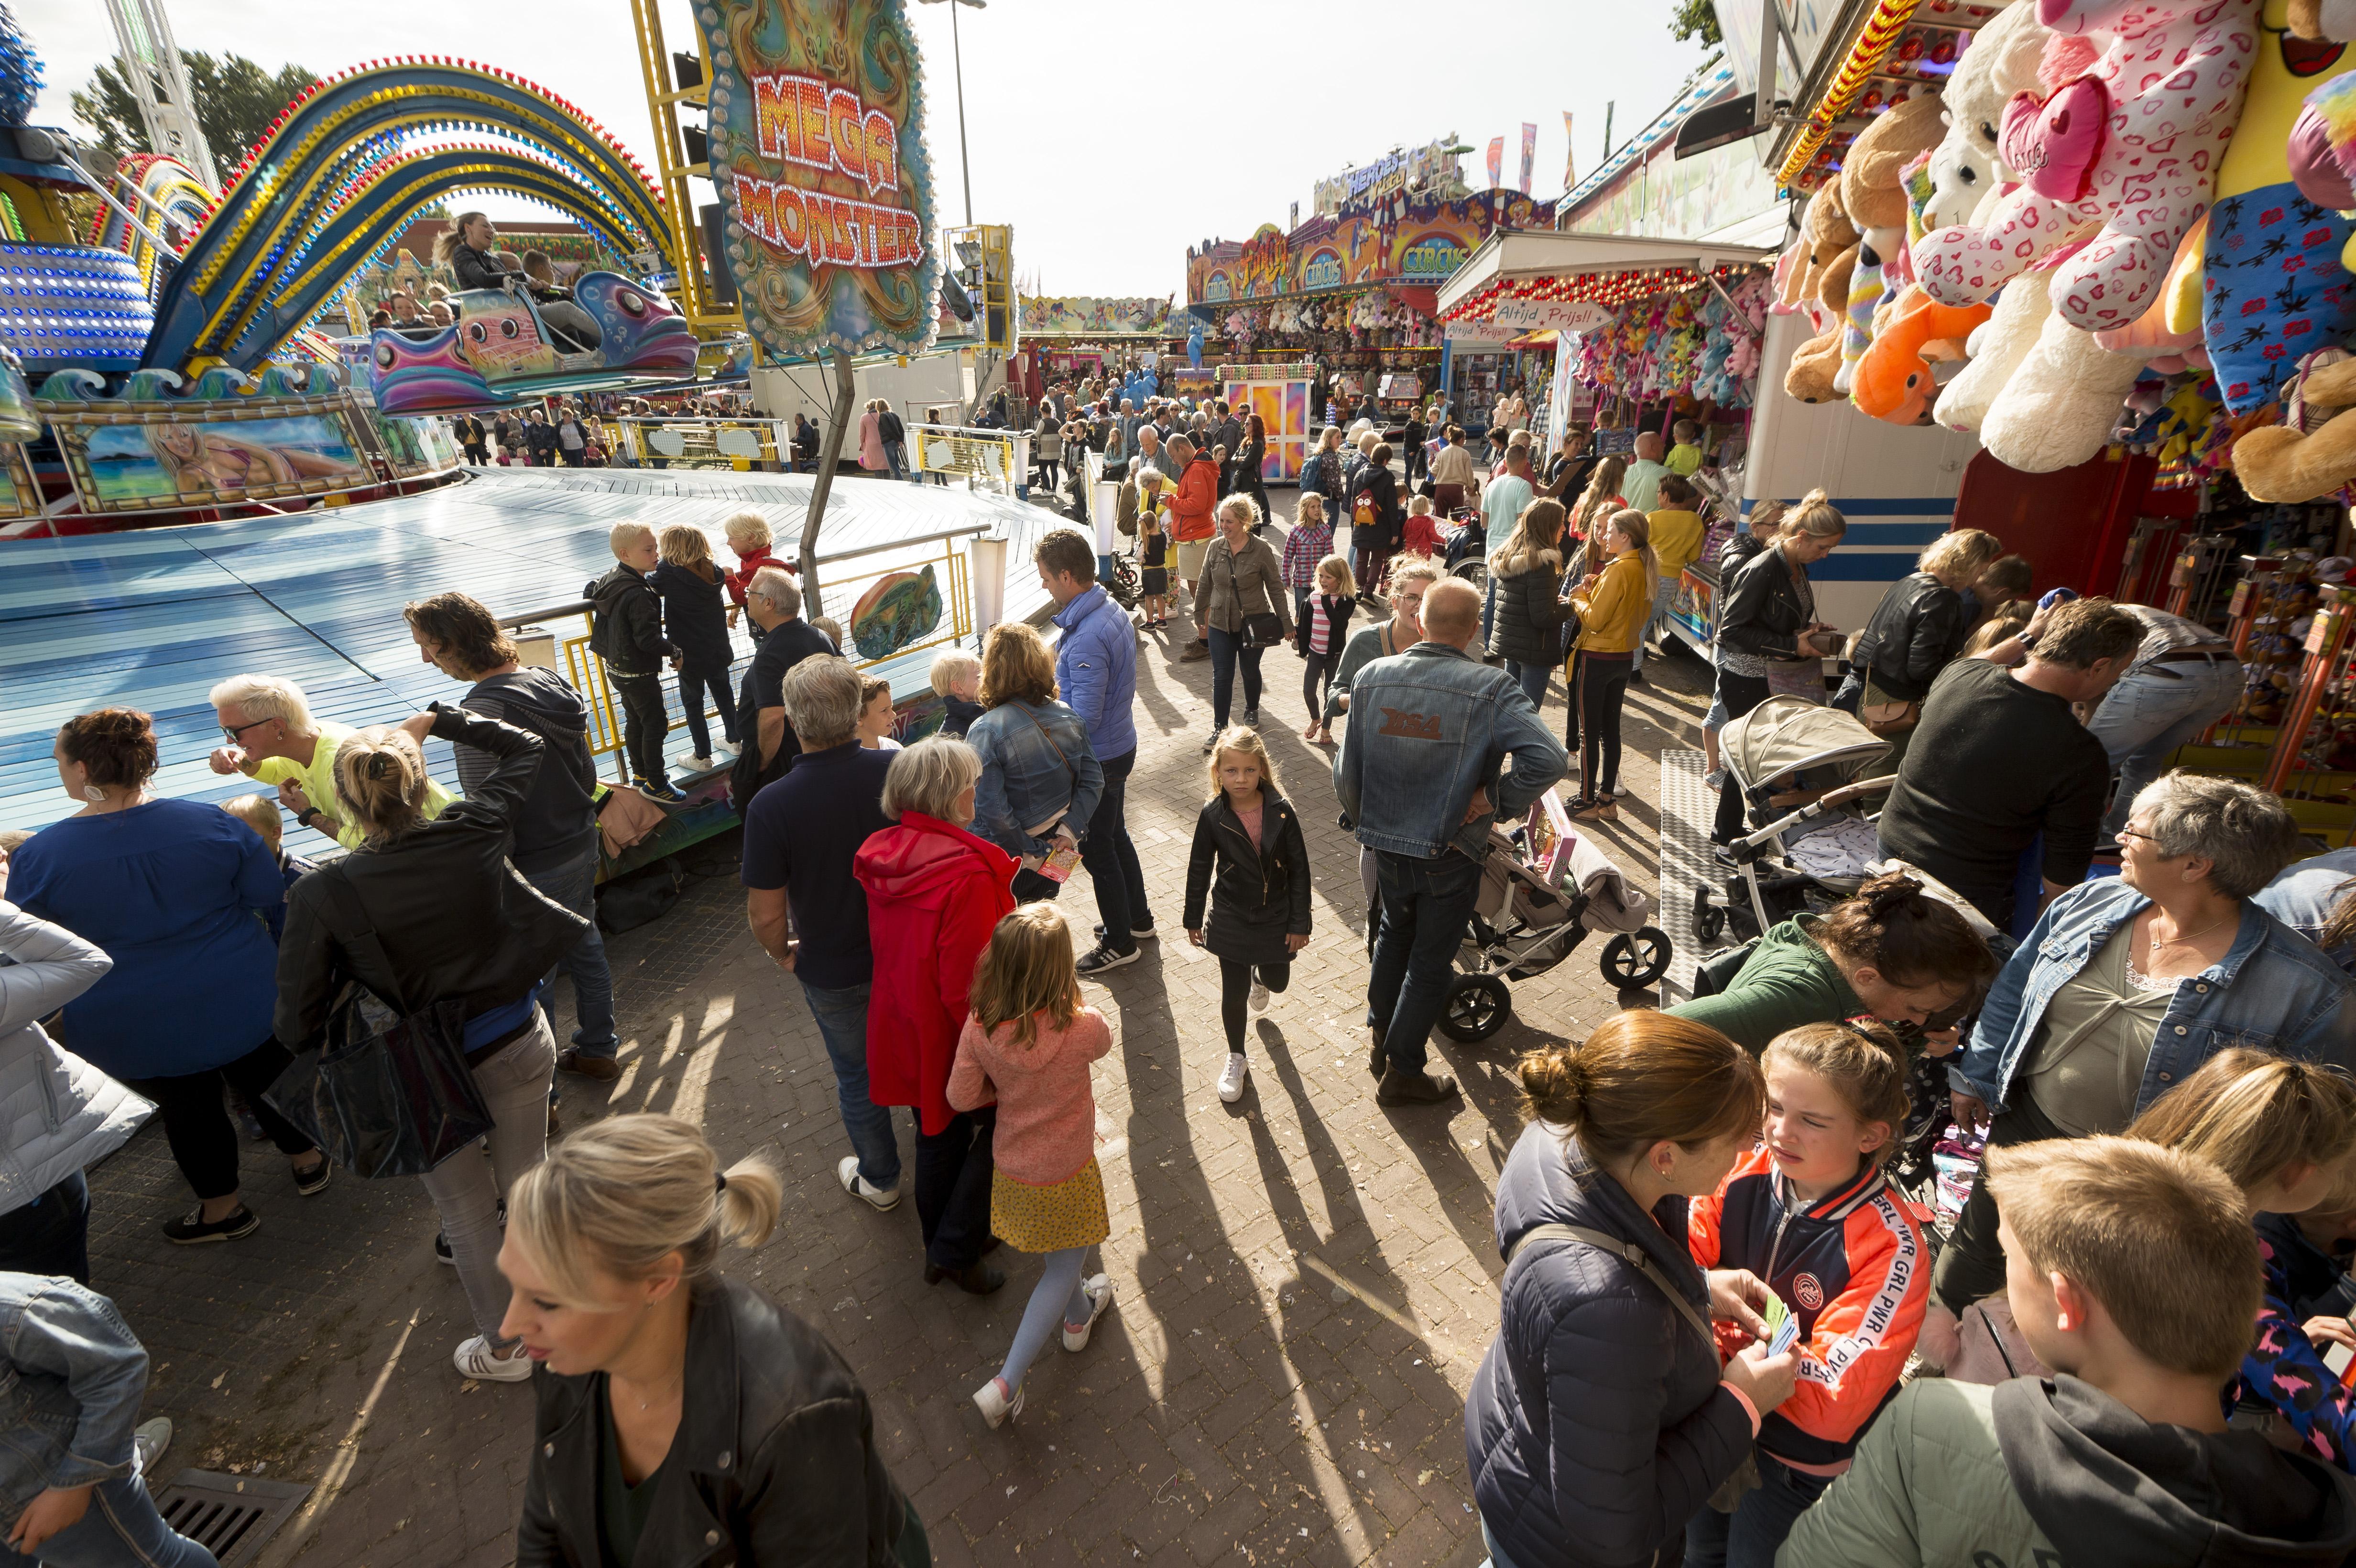 Programma Najaarsfeesten Sassenheim aangepast wegens corona; verschillende evenementen gaan niet door, concerten op tv